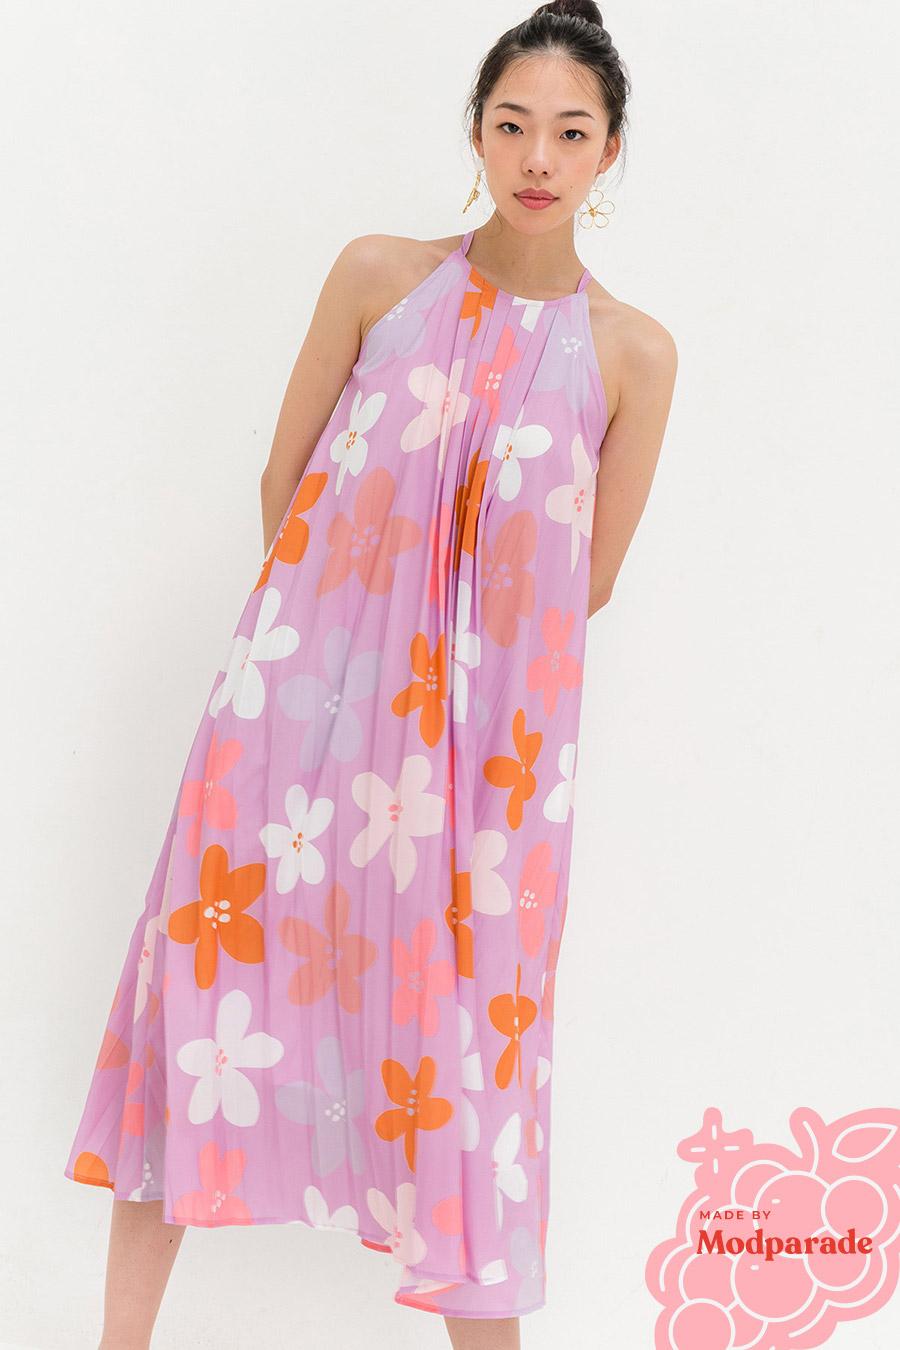 FABRE DRESS - DAHLIA [BY MODPARADE]